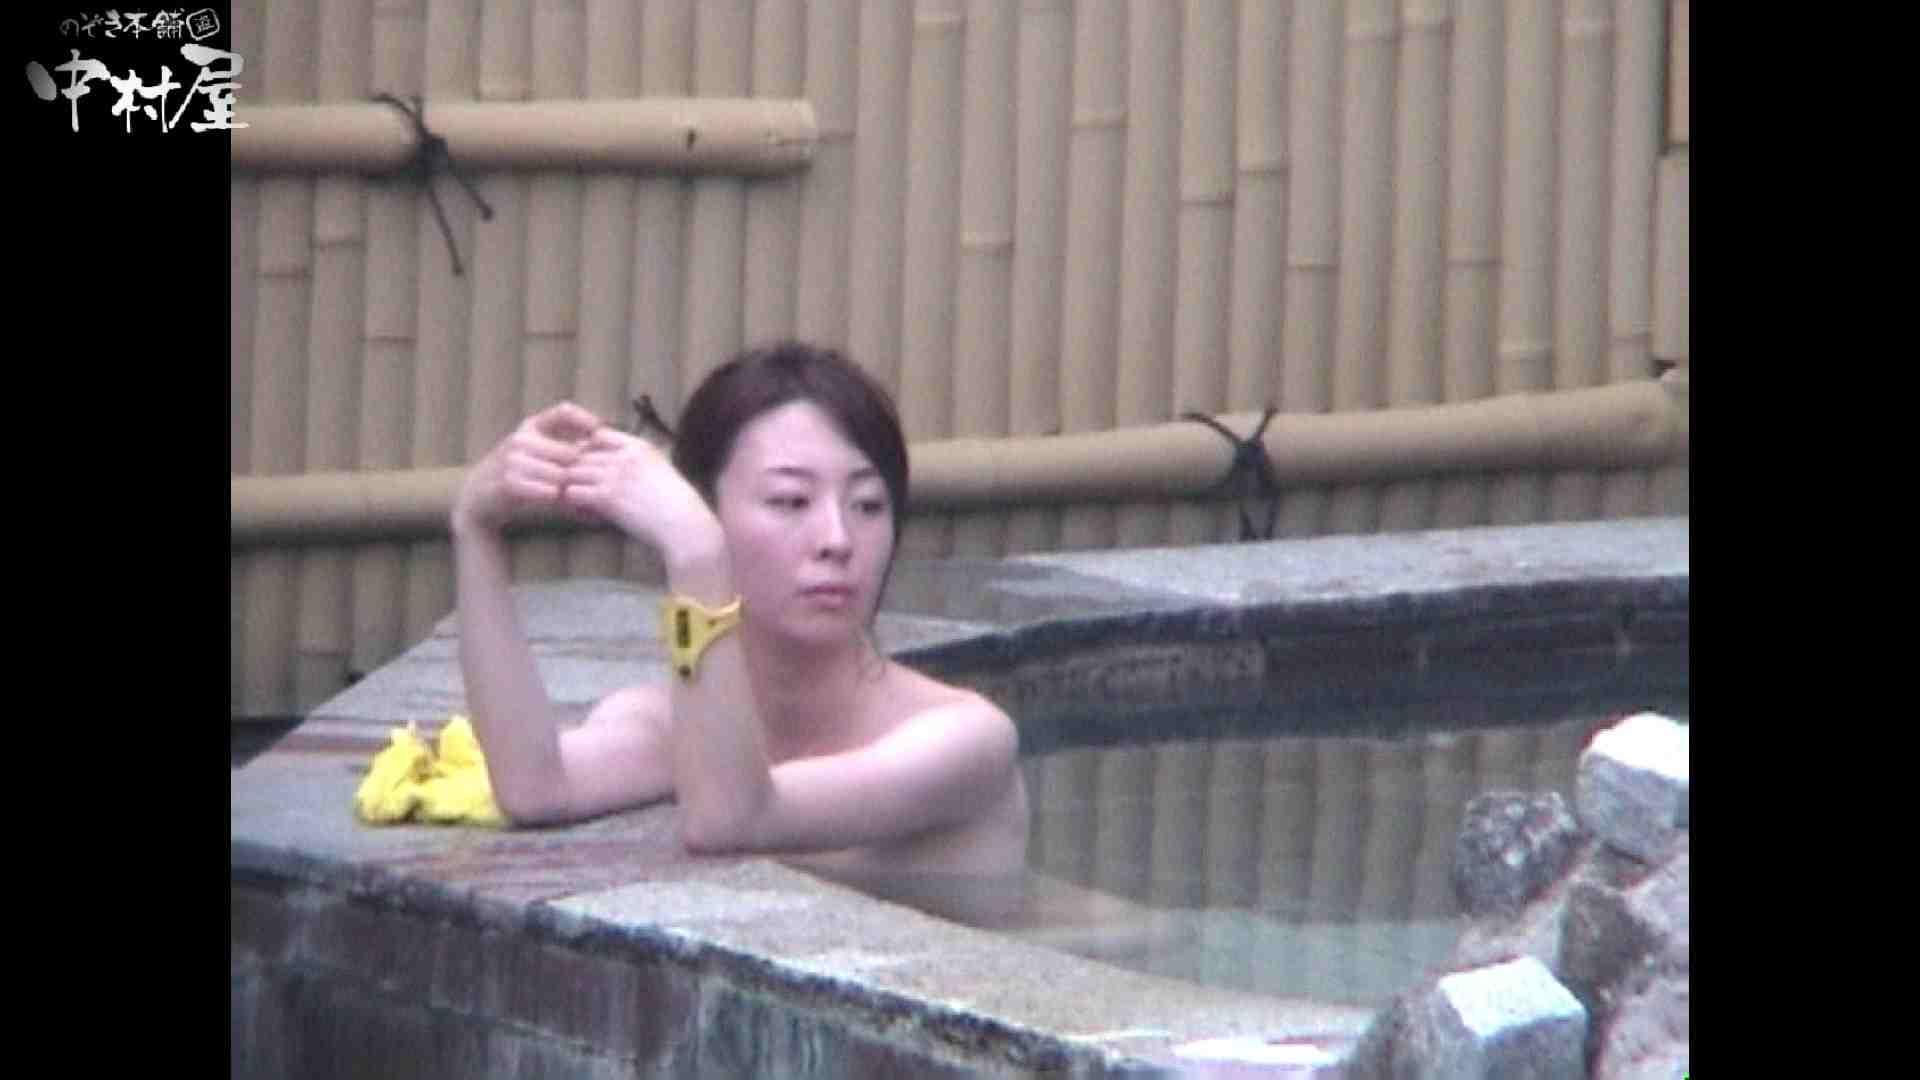 Aquaな露天風呂Vol.964 美しいOLの裸体  104pic 75